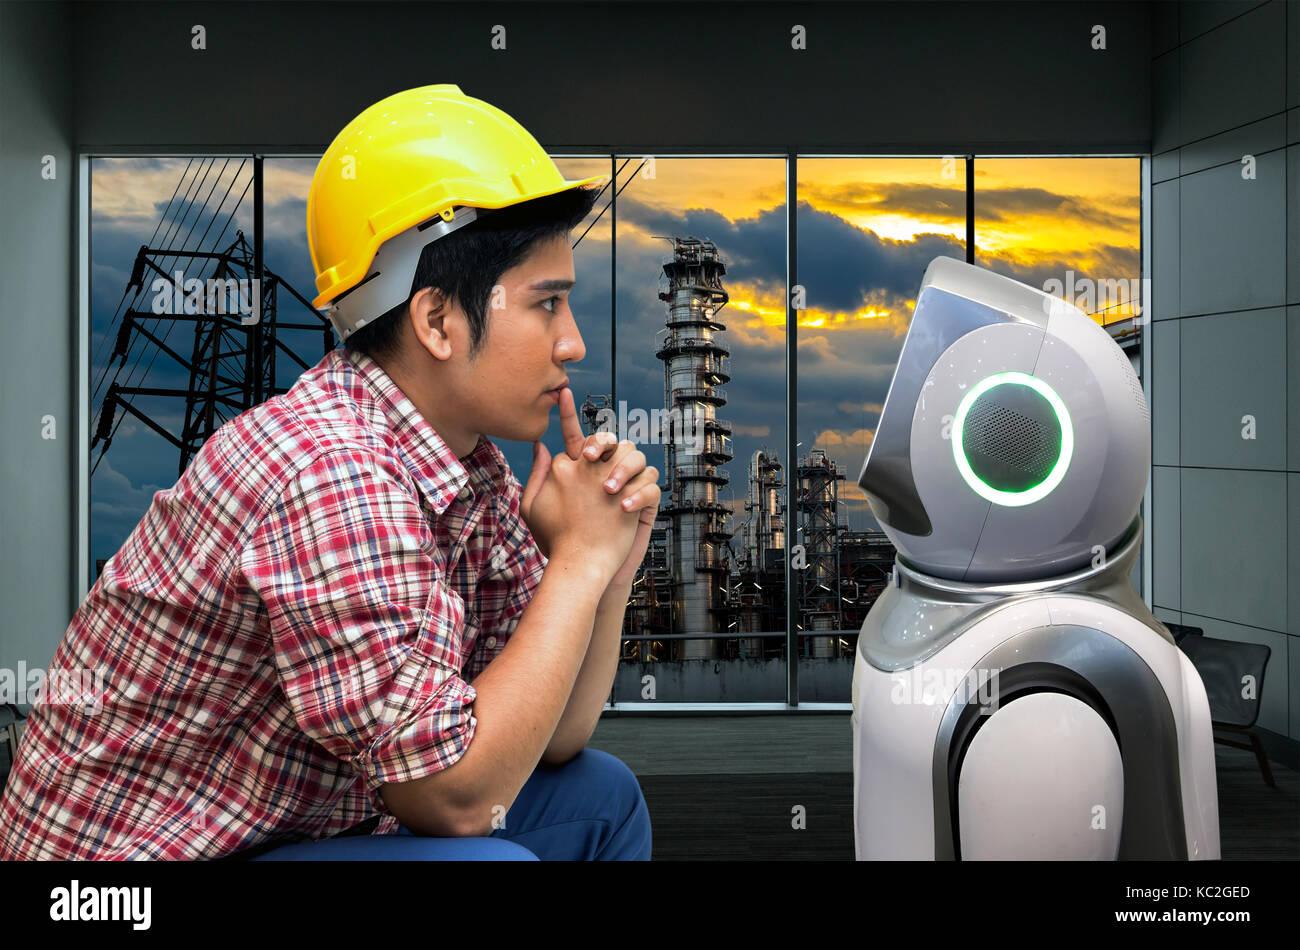 4.0 Tecnología de la industria de fabricación de la máquina de producción , robo advisor concepto. Derechos y servicios Foto de stock